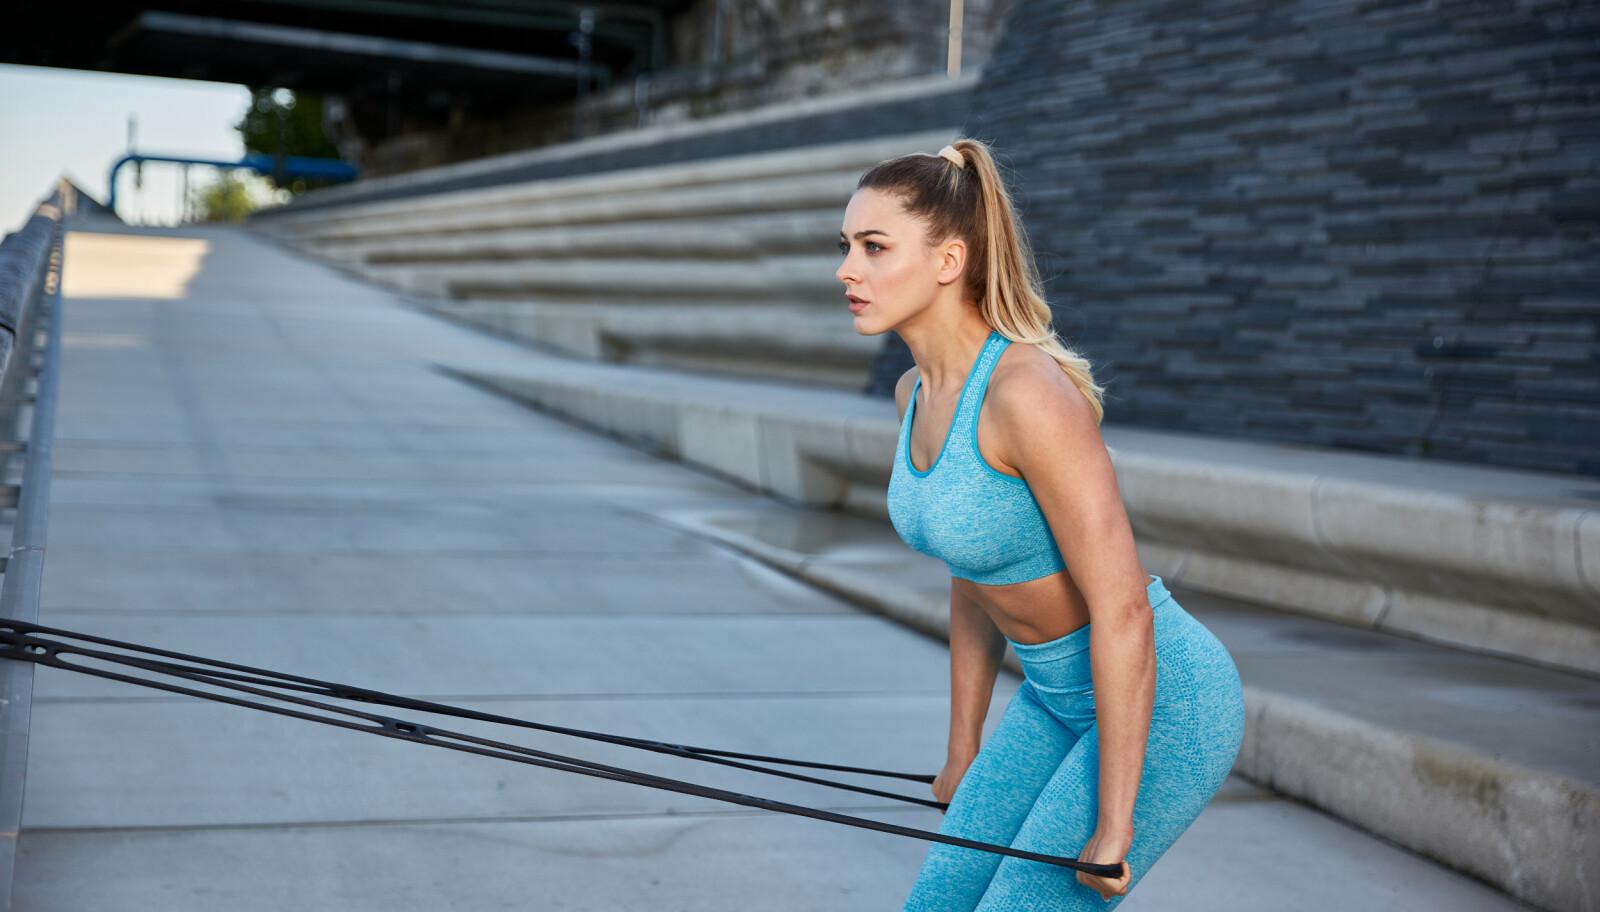 STRIKK: Trening med strikk, både for armer ben og core, er ifølge ekspertene Christian Torp og Per Elias Kalfoss smart trening for å forberede kroppen til skisesongen. ILLUSTRASJONSFOTO: NTB